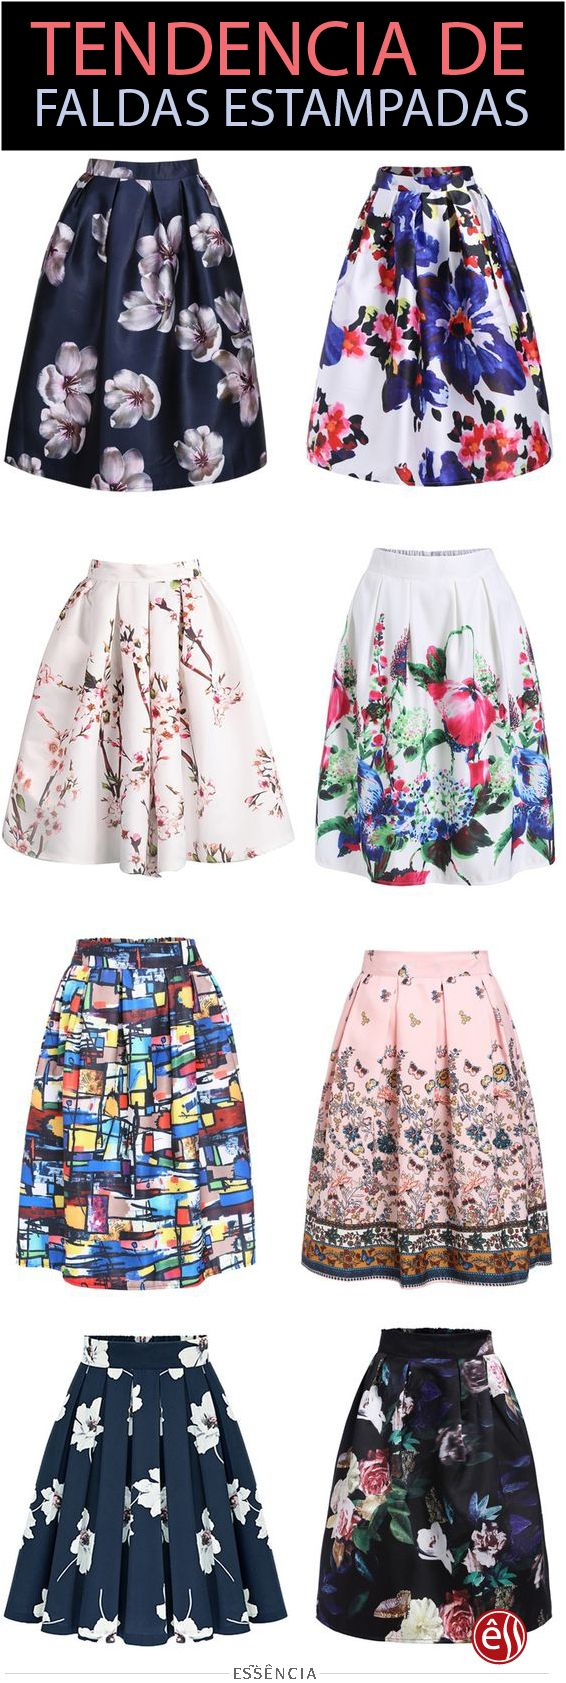 0b23b2b0d5 Descubre la última tendencia en faldas estampadas  Ropa  outfits  tutorial